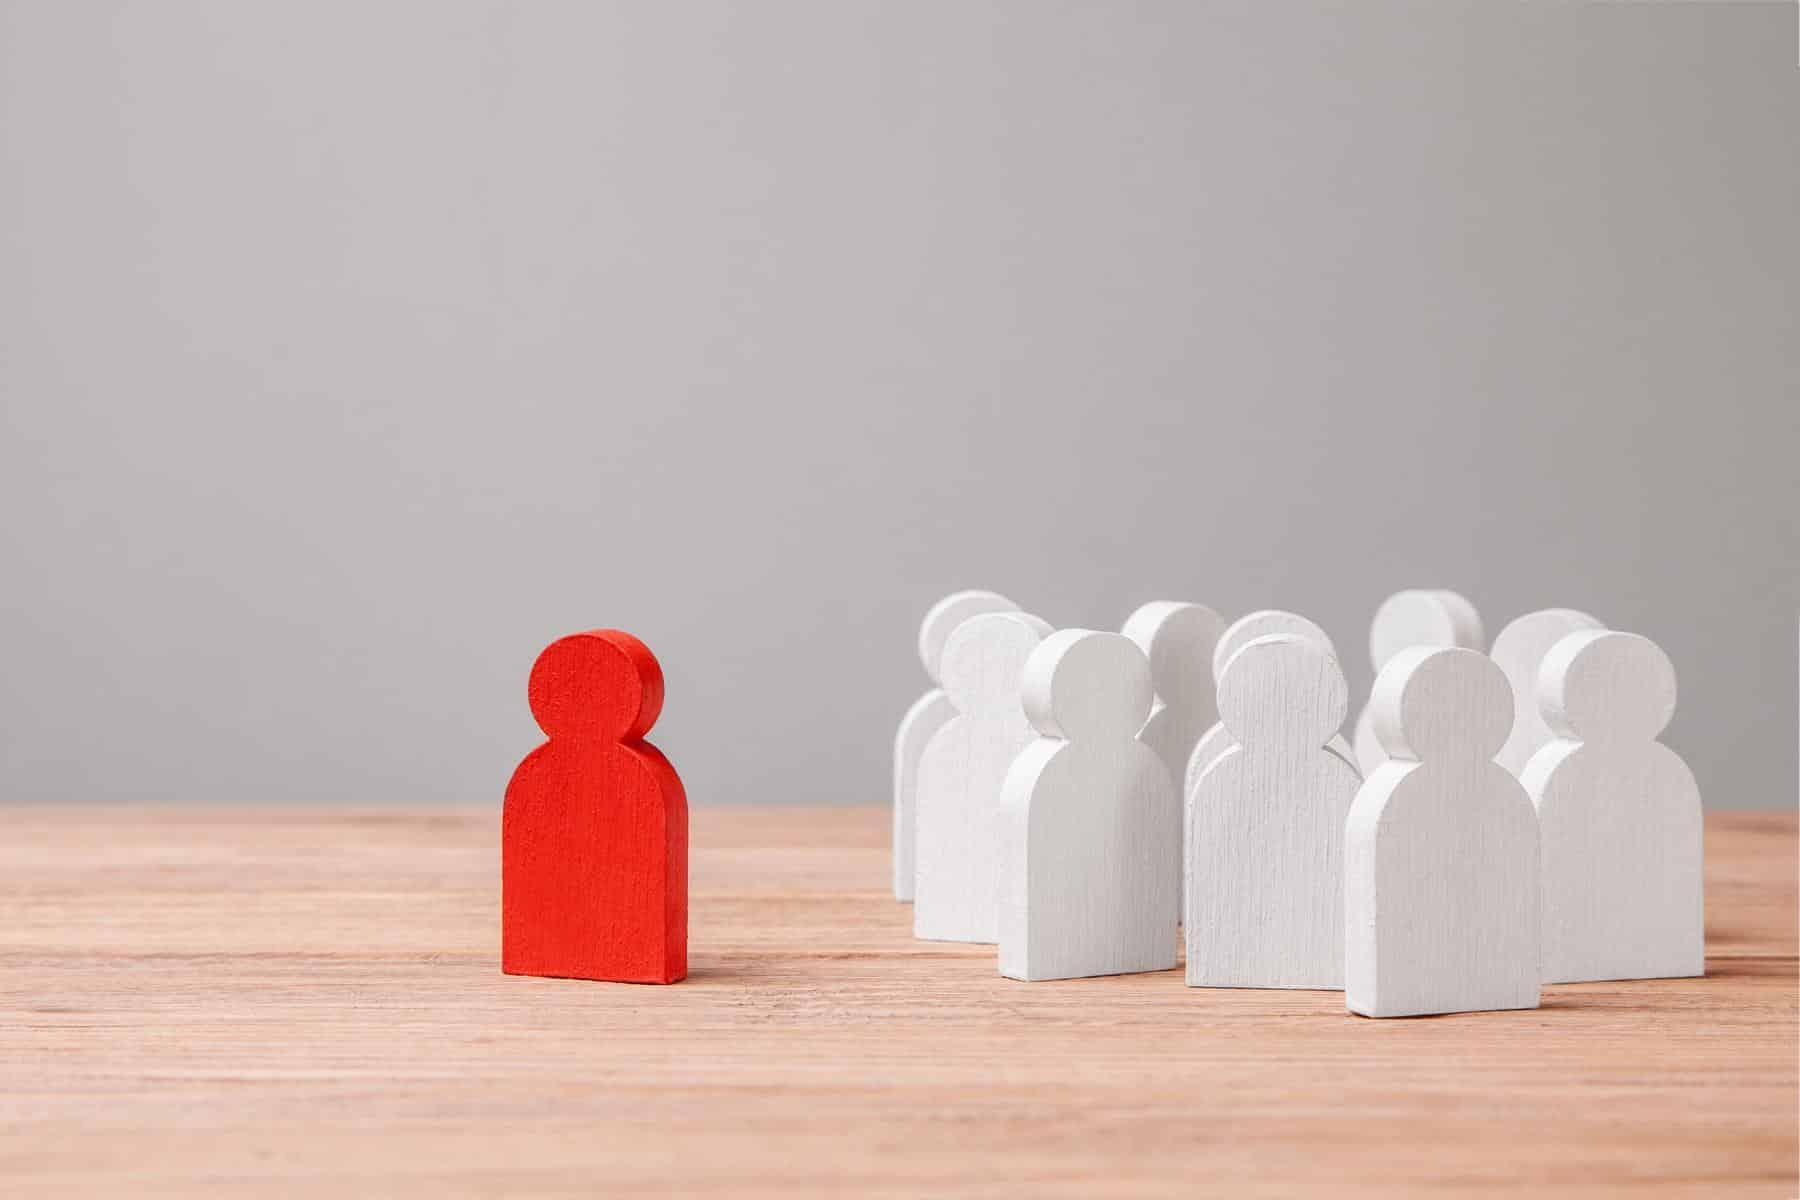 christian-ramm-arbeitsmarktmanager-coaching-fach-und-fuehrungskraefte